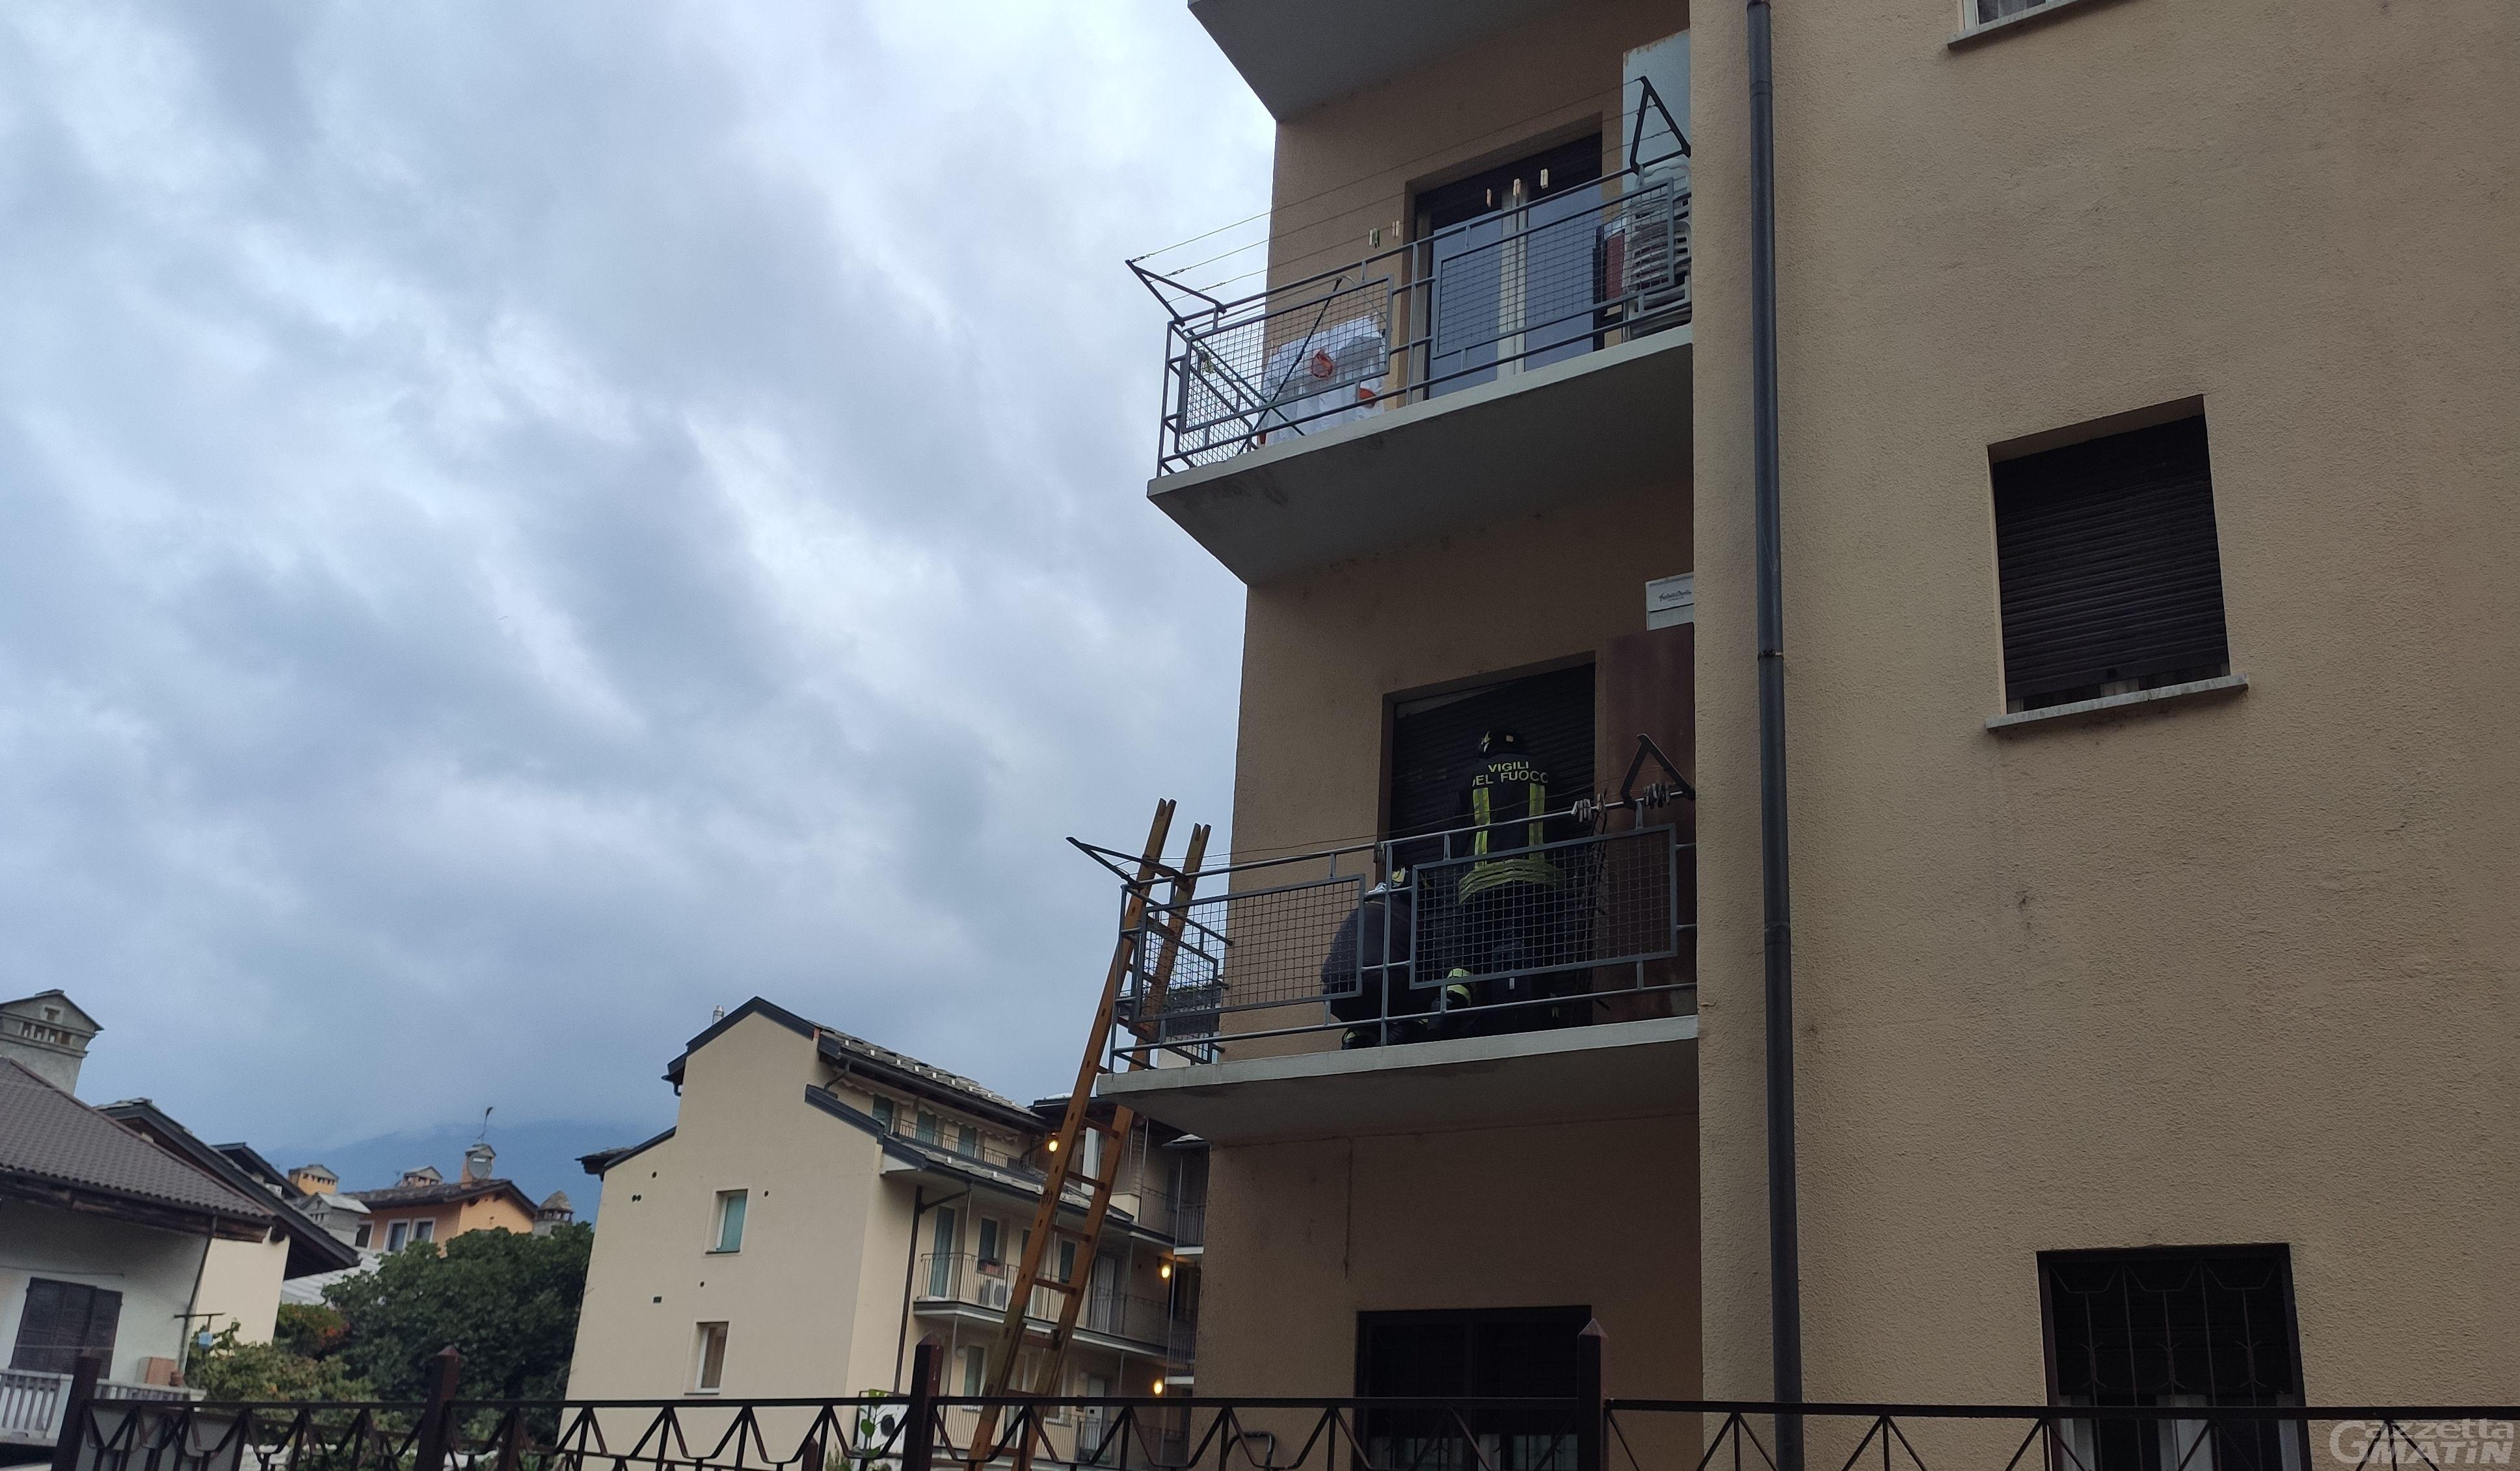 Aosta: anziano solo trovato morto in casa, a dare l'allarme i vicini